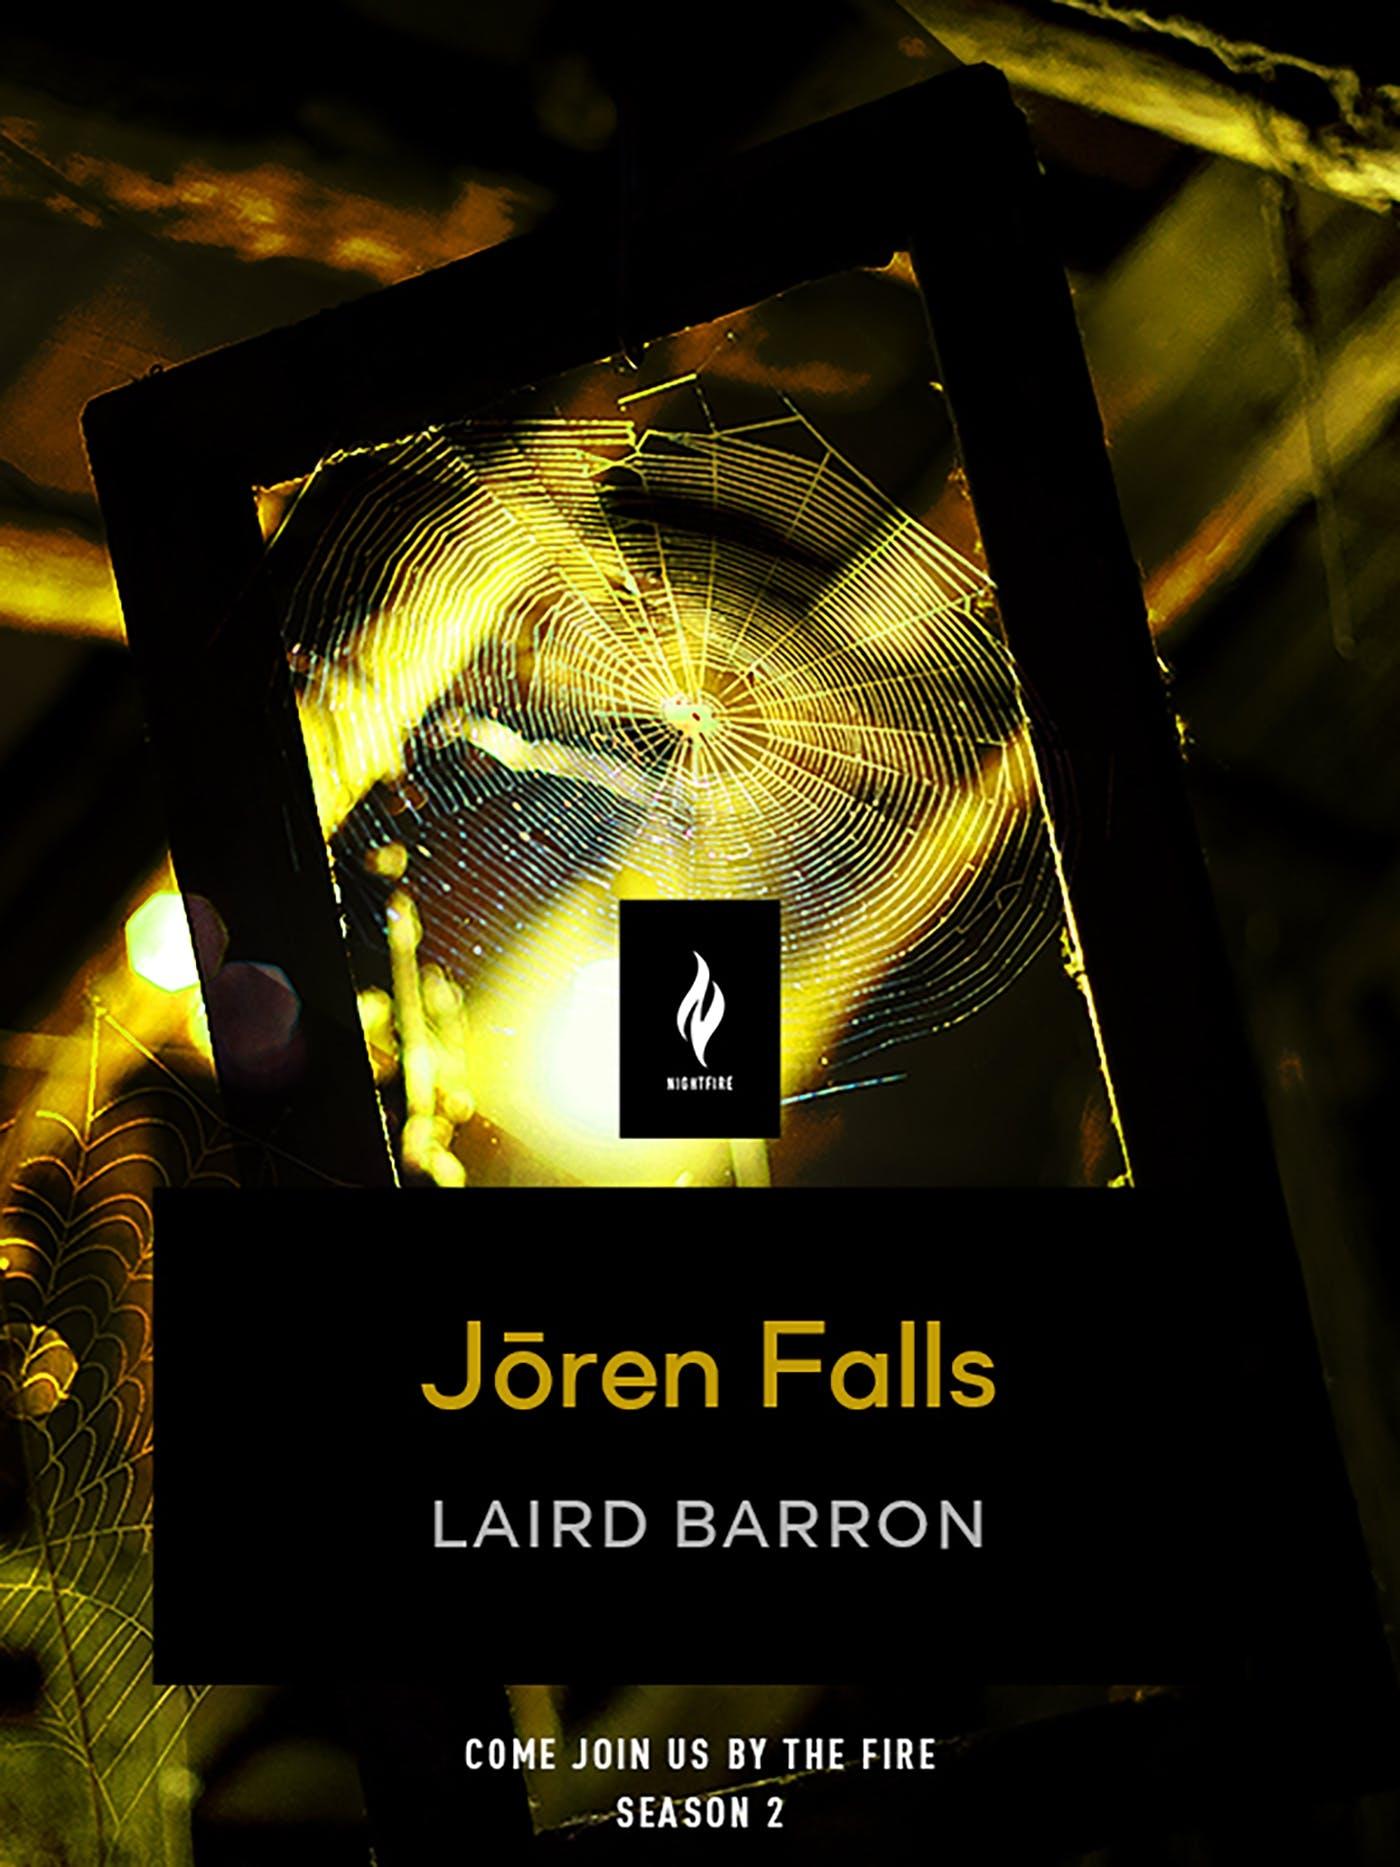 Image of Joren Falls